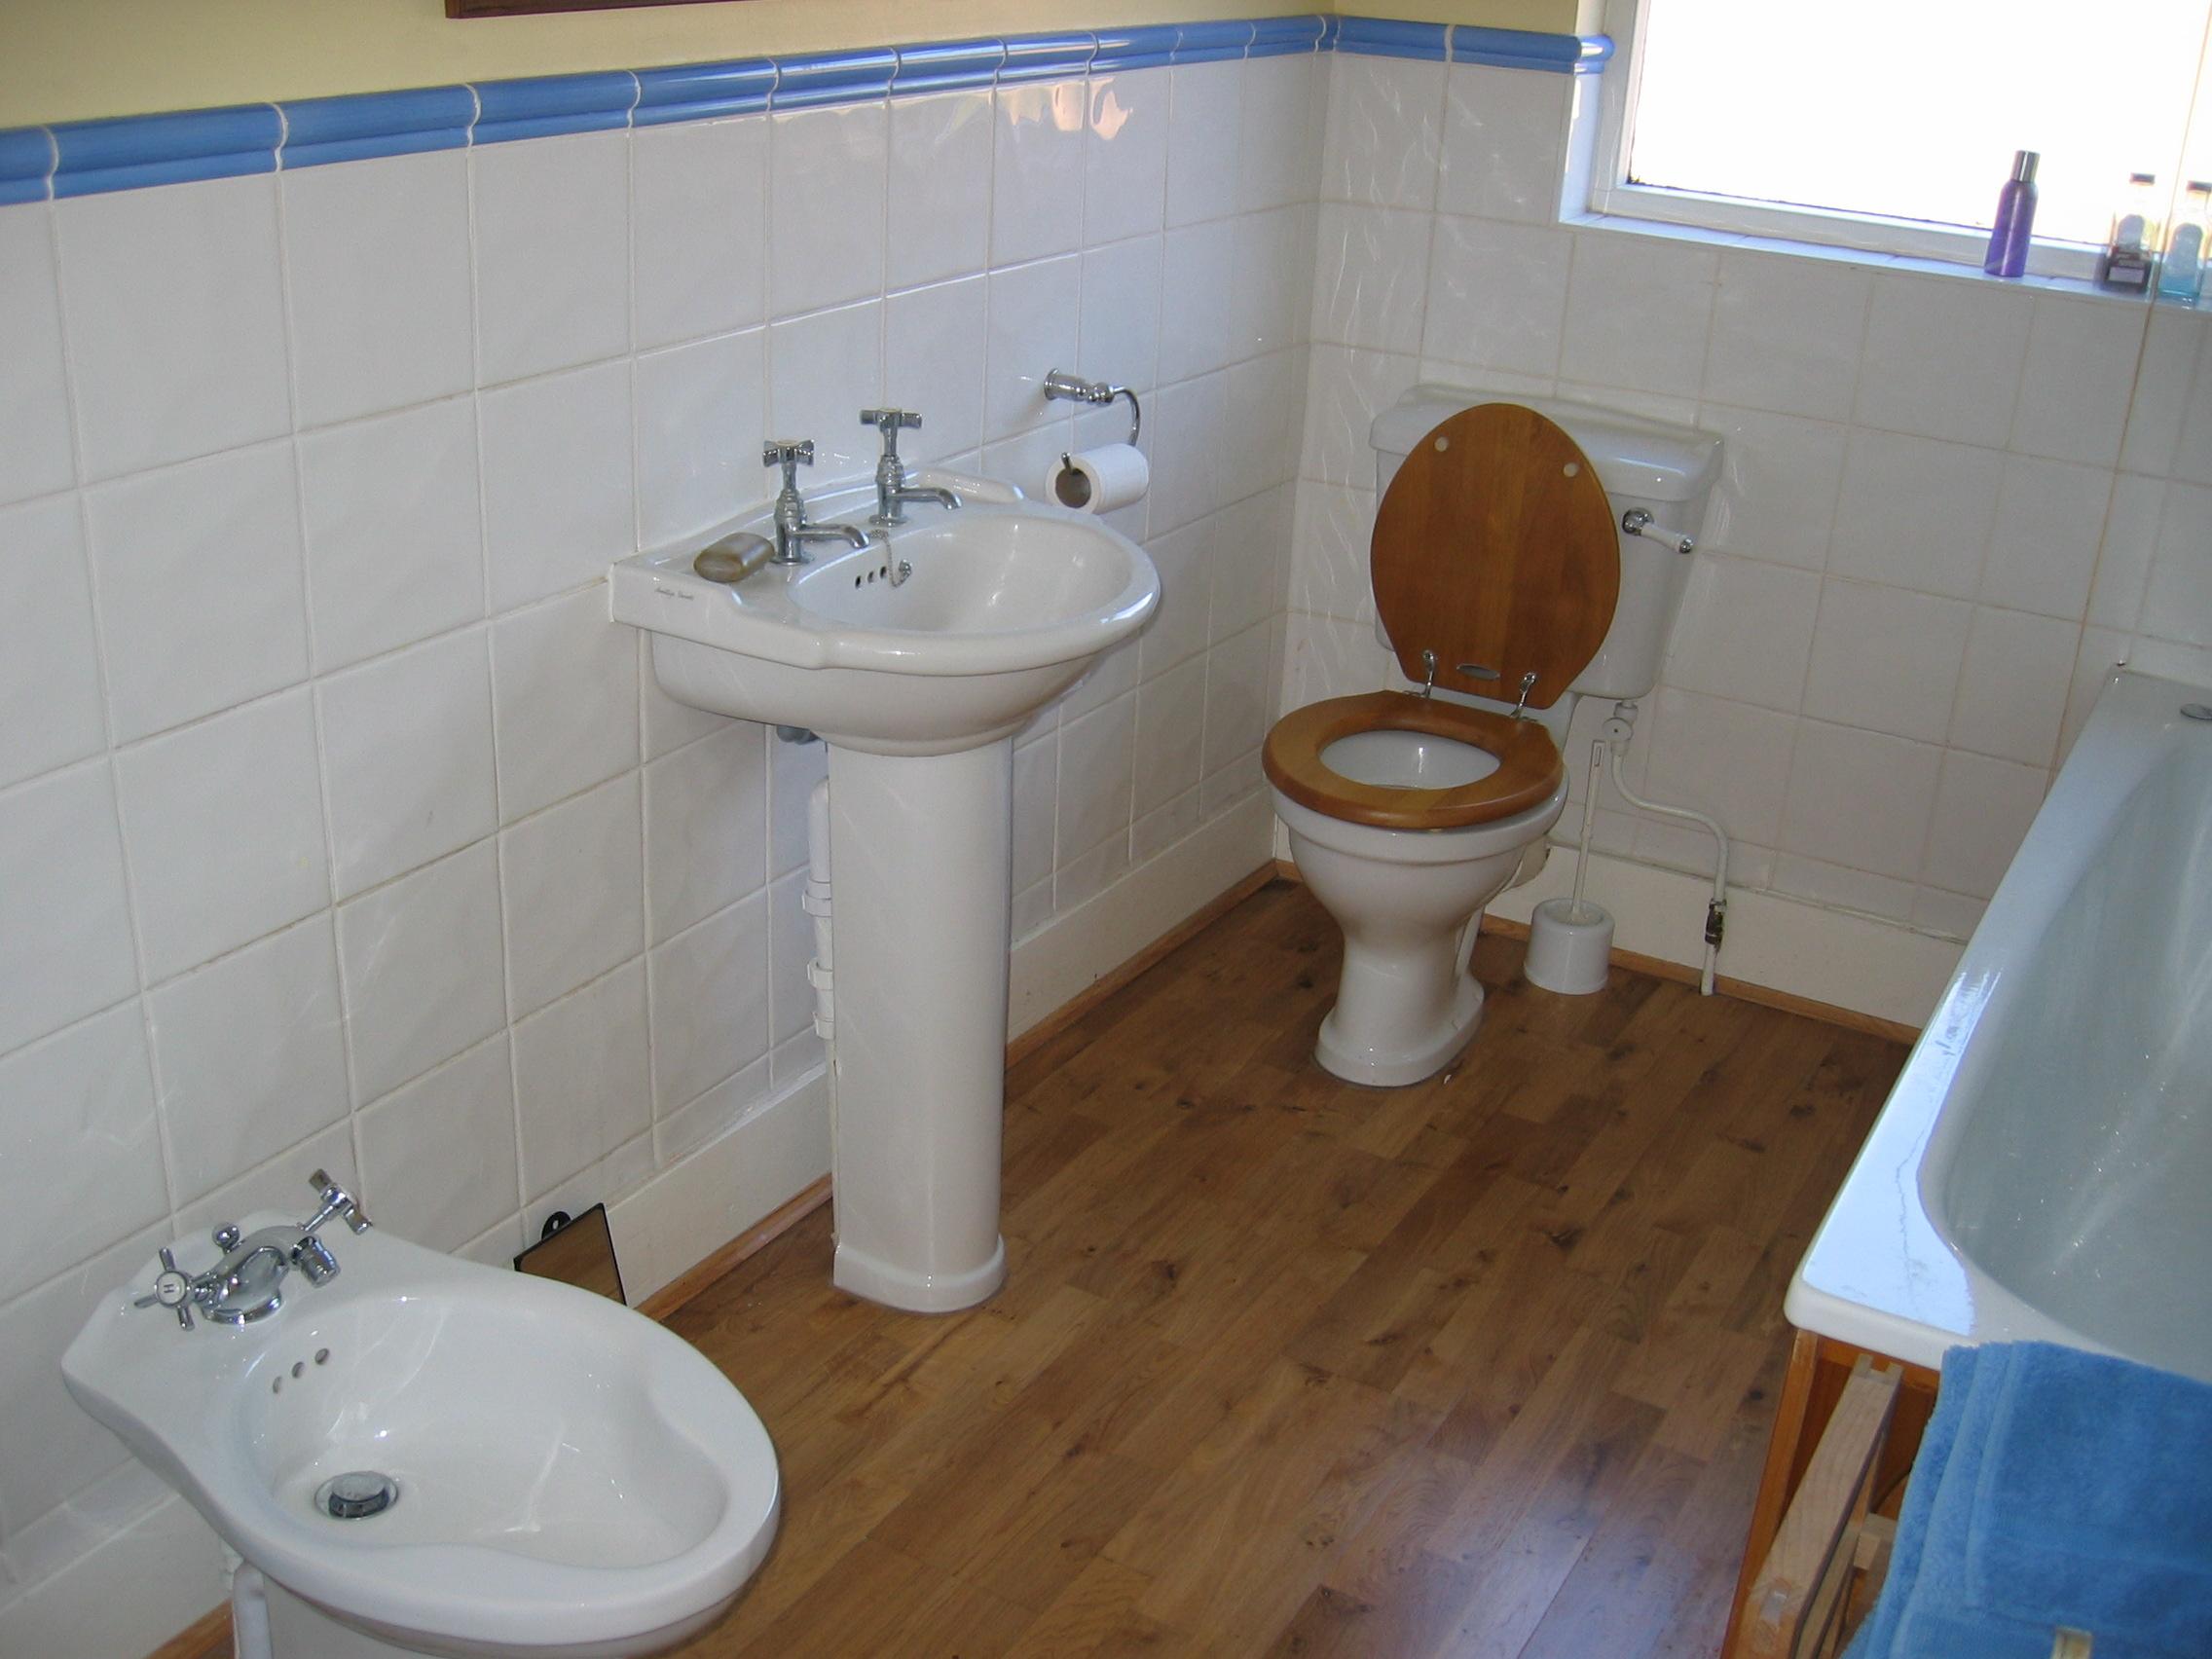 domestic plumbing